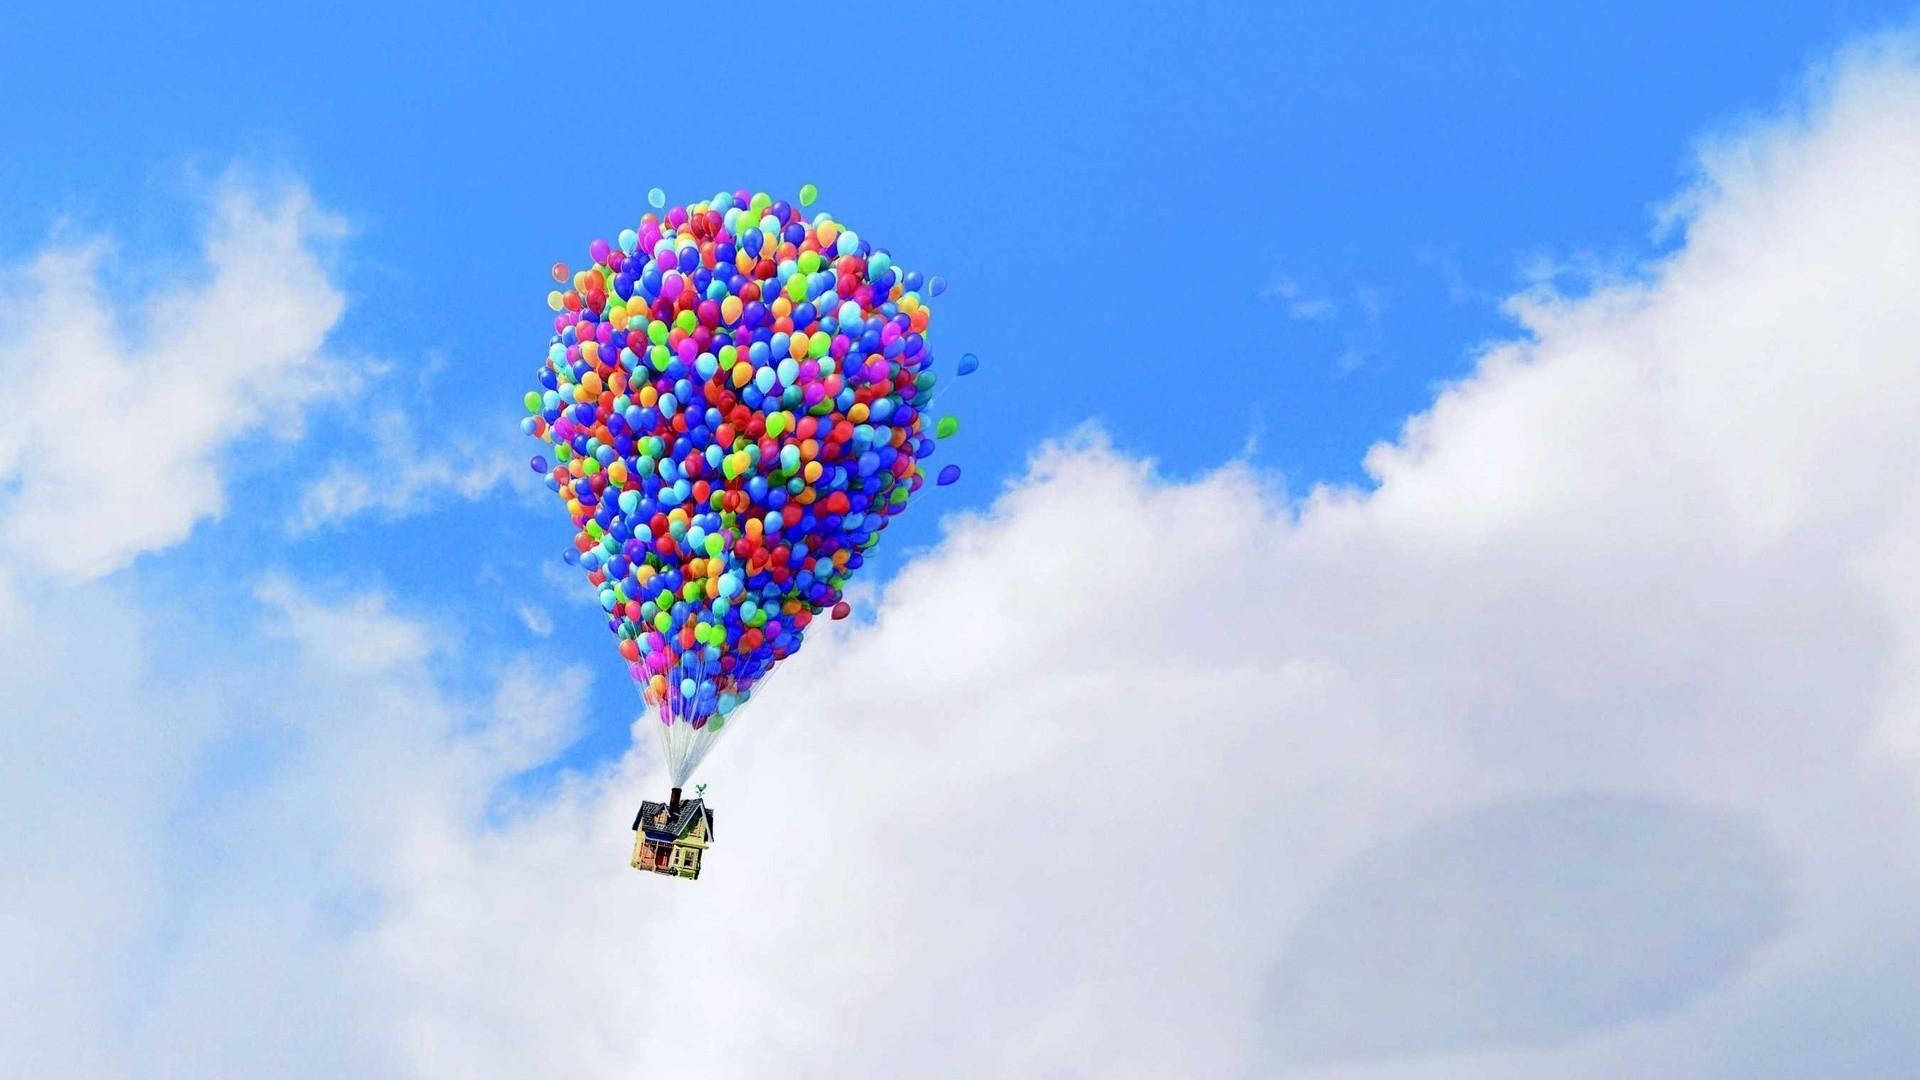 Pixar Wallpapers Wallpapertag